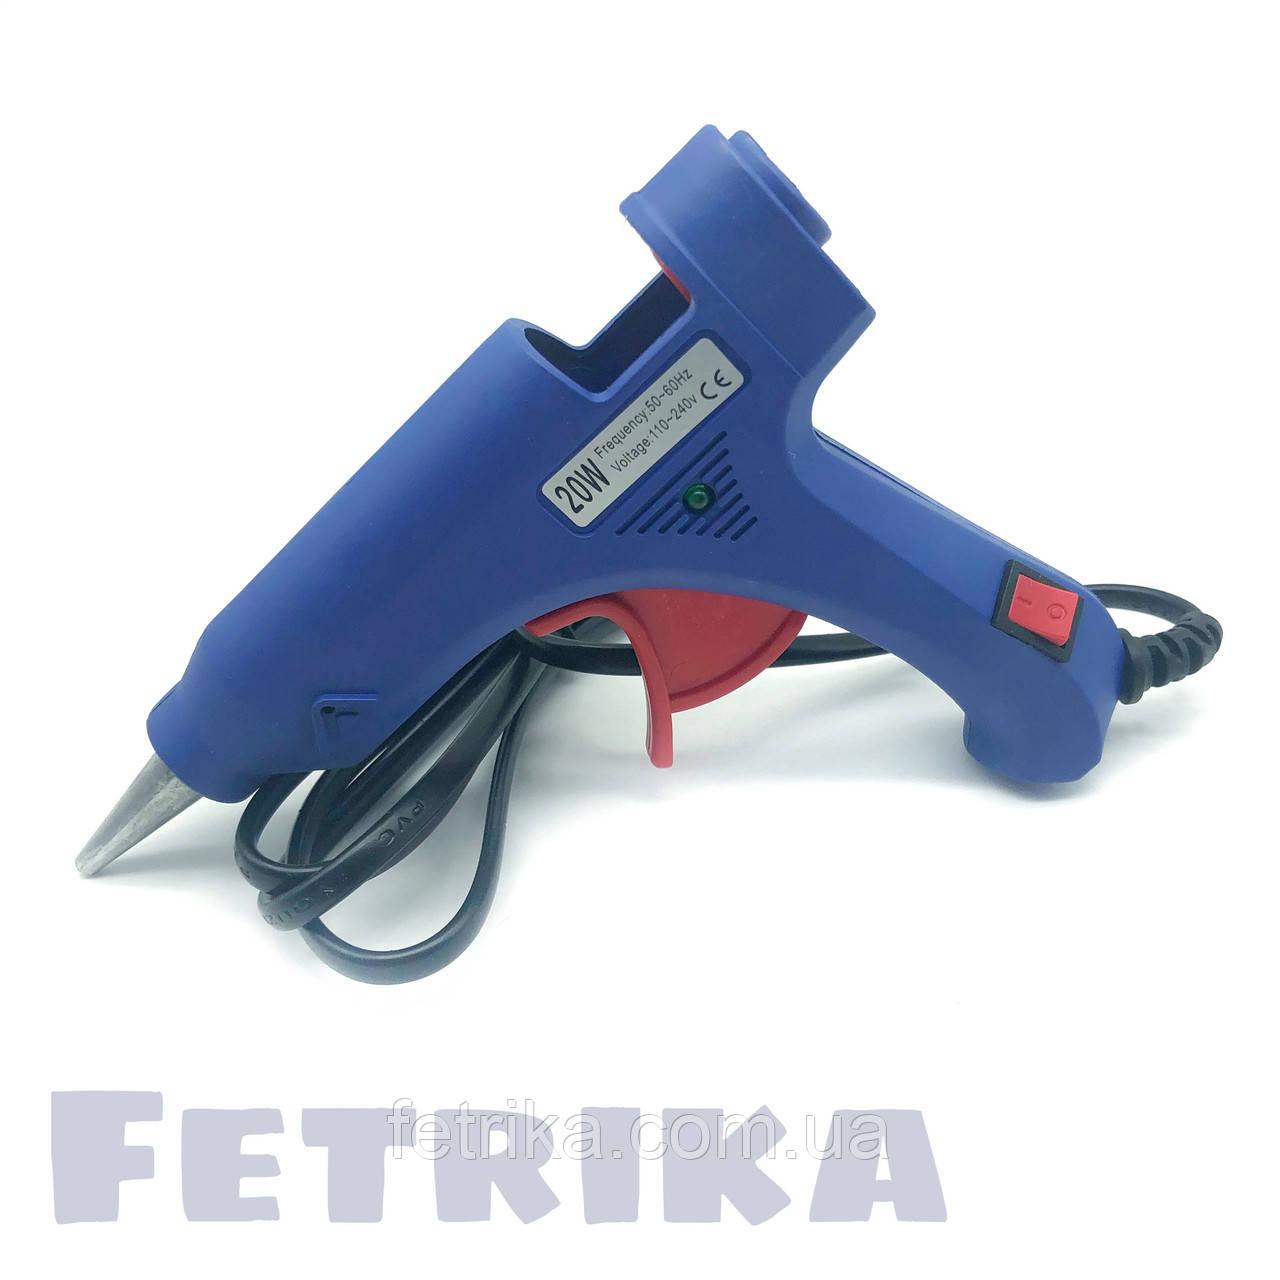 Пистолет клеевой электрический HELI с кнопкой (для клеевых стержней D7 мм)